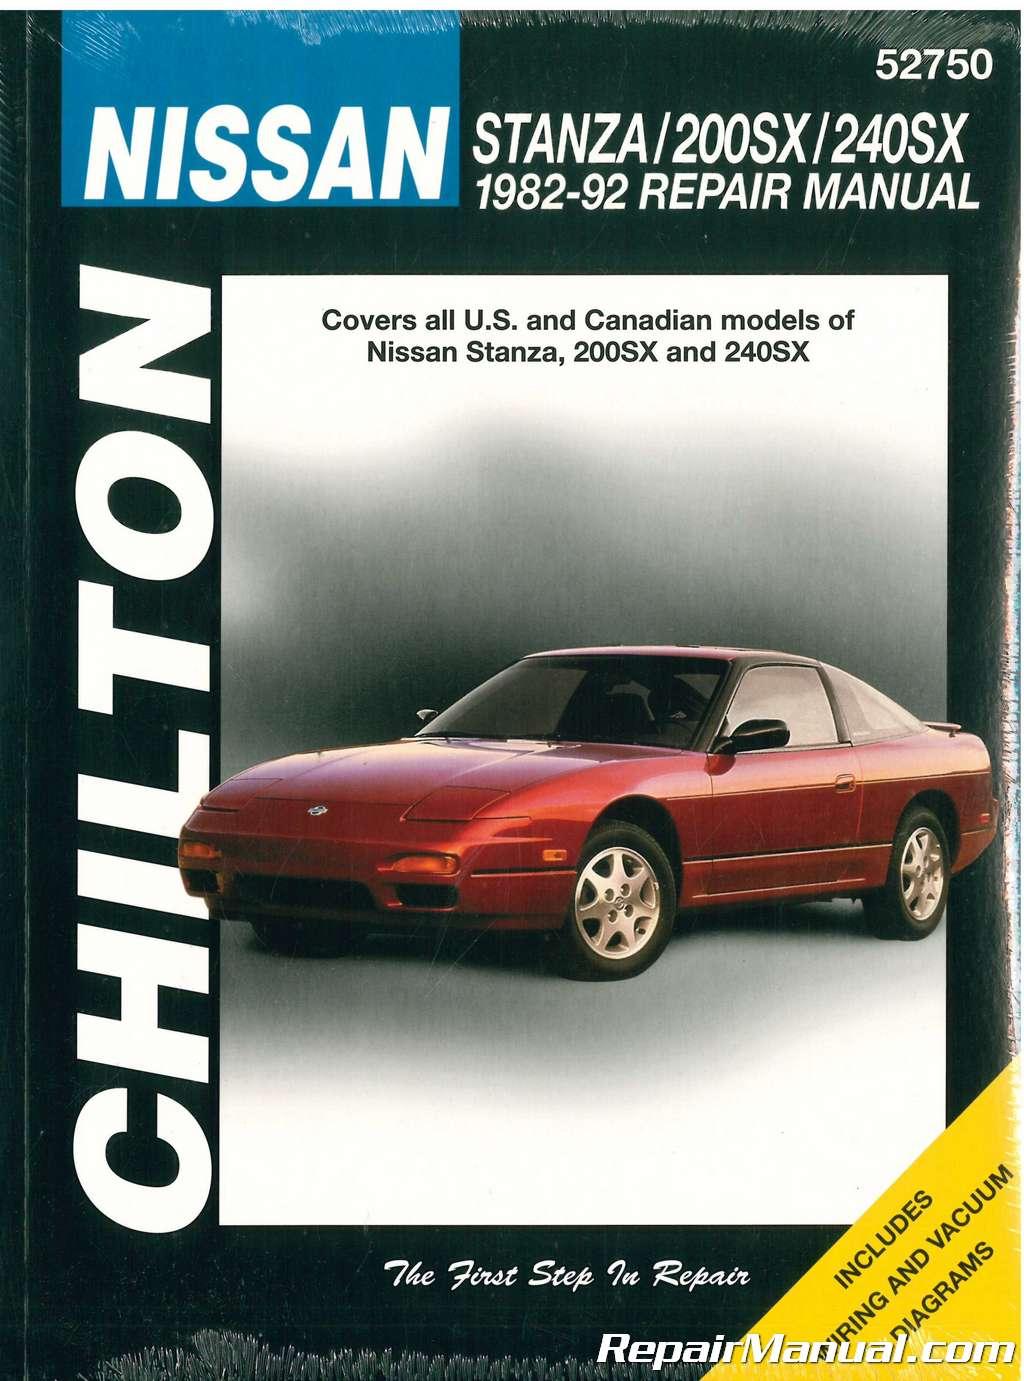 Chilton Nissan Stanza 200sx 240sx 1982 1992 Repair Manual